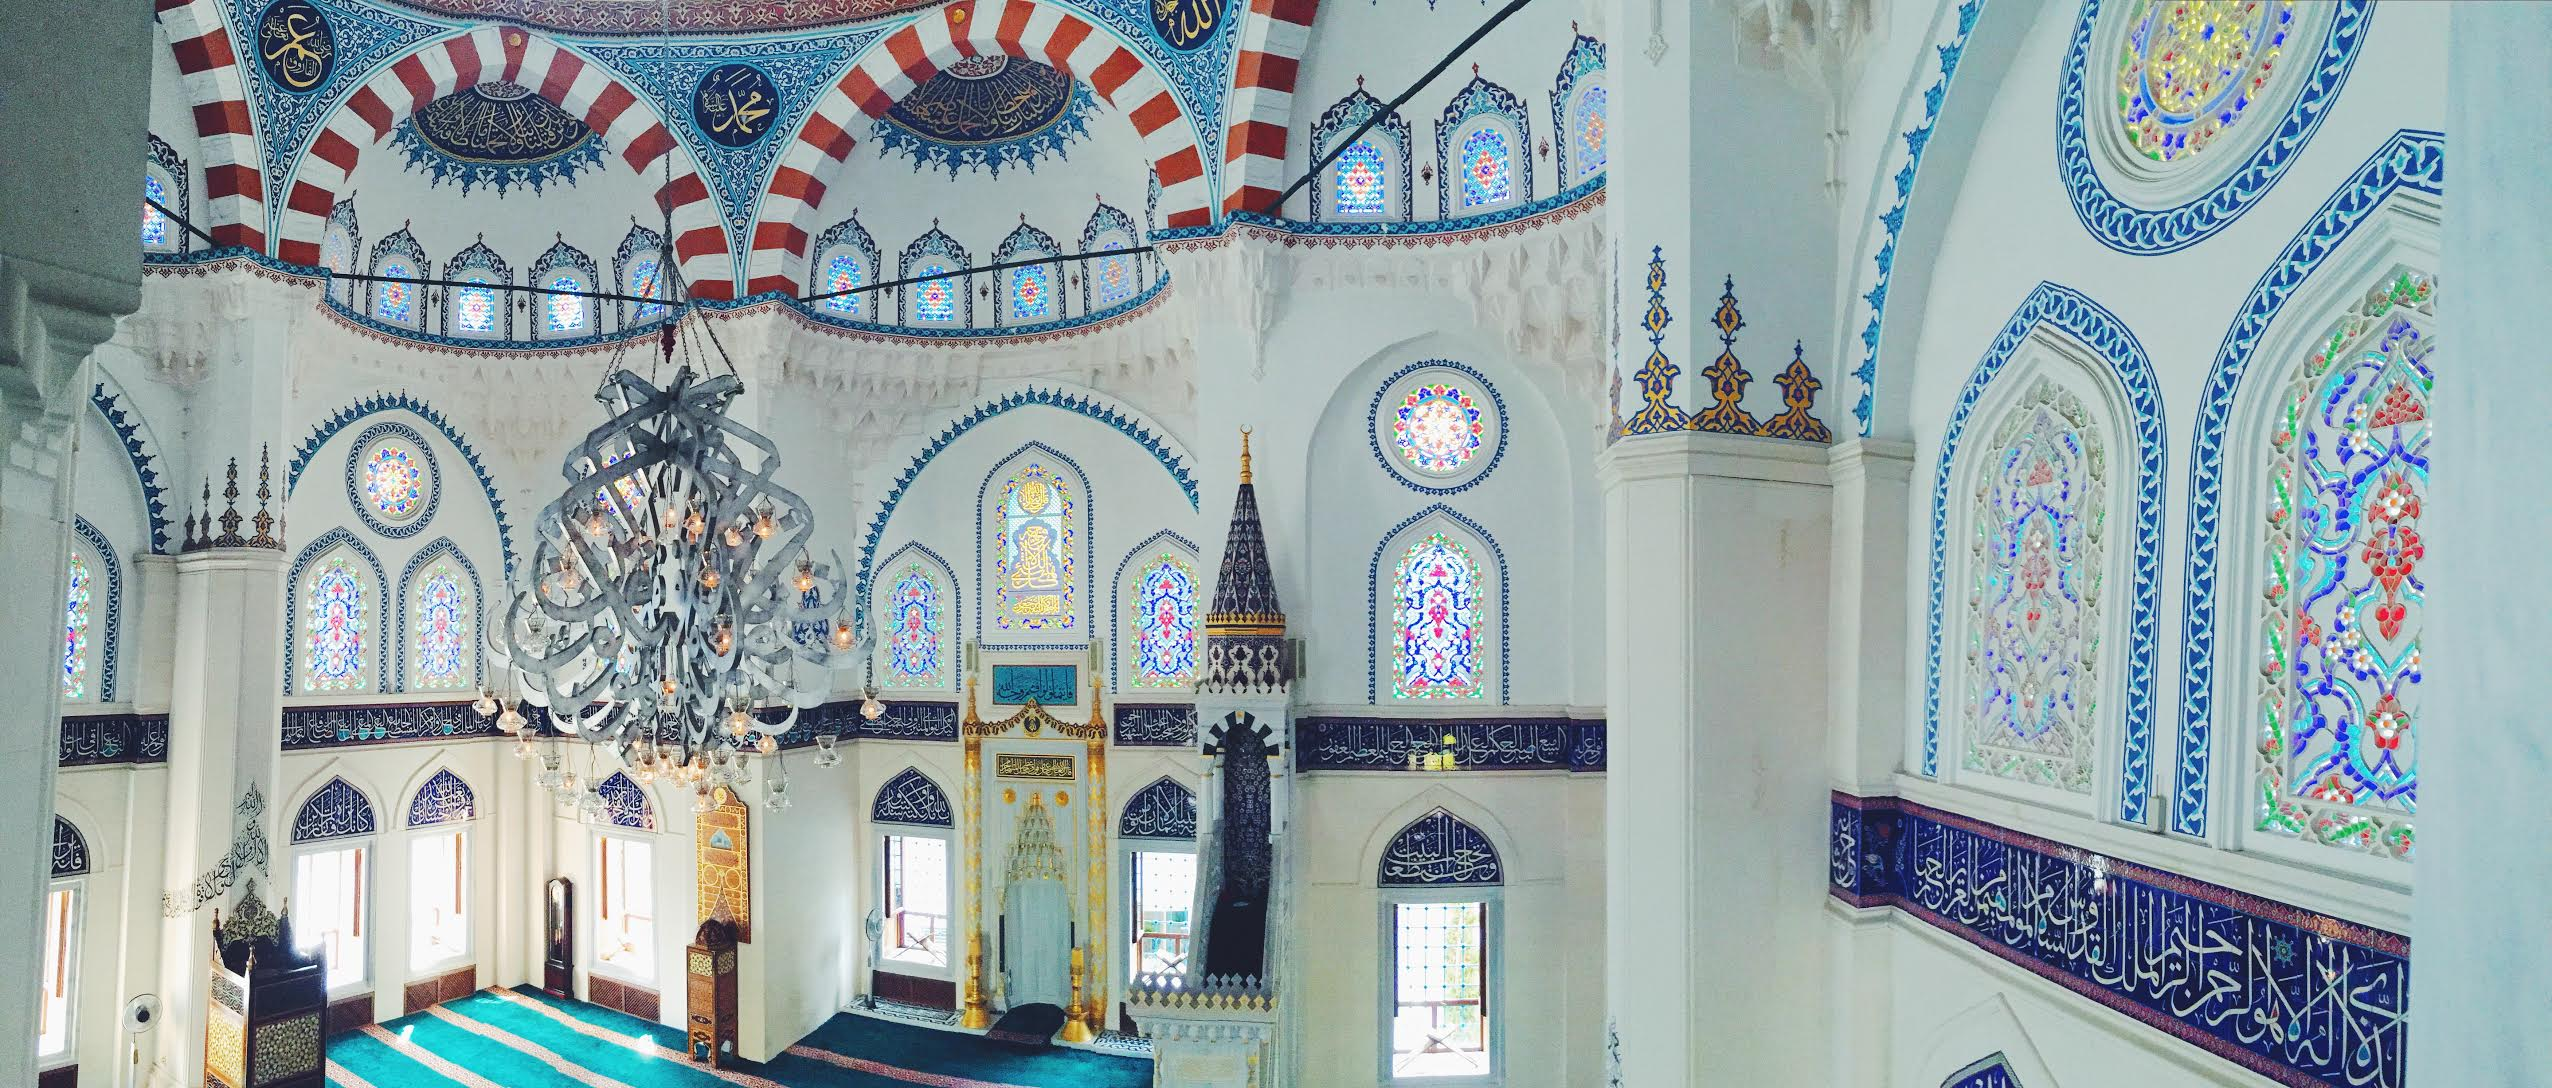 Muslim-travel-Tokyo-Mosque-panoramic-view.jpg